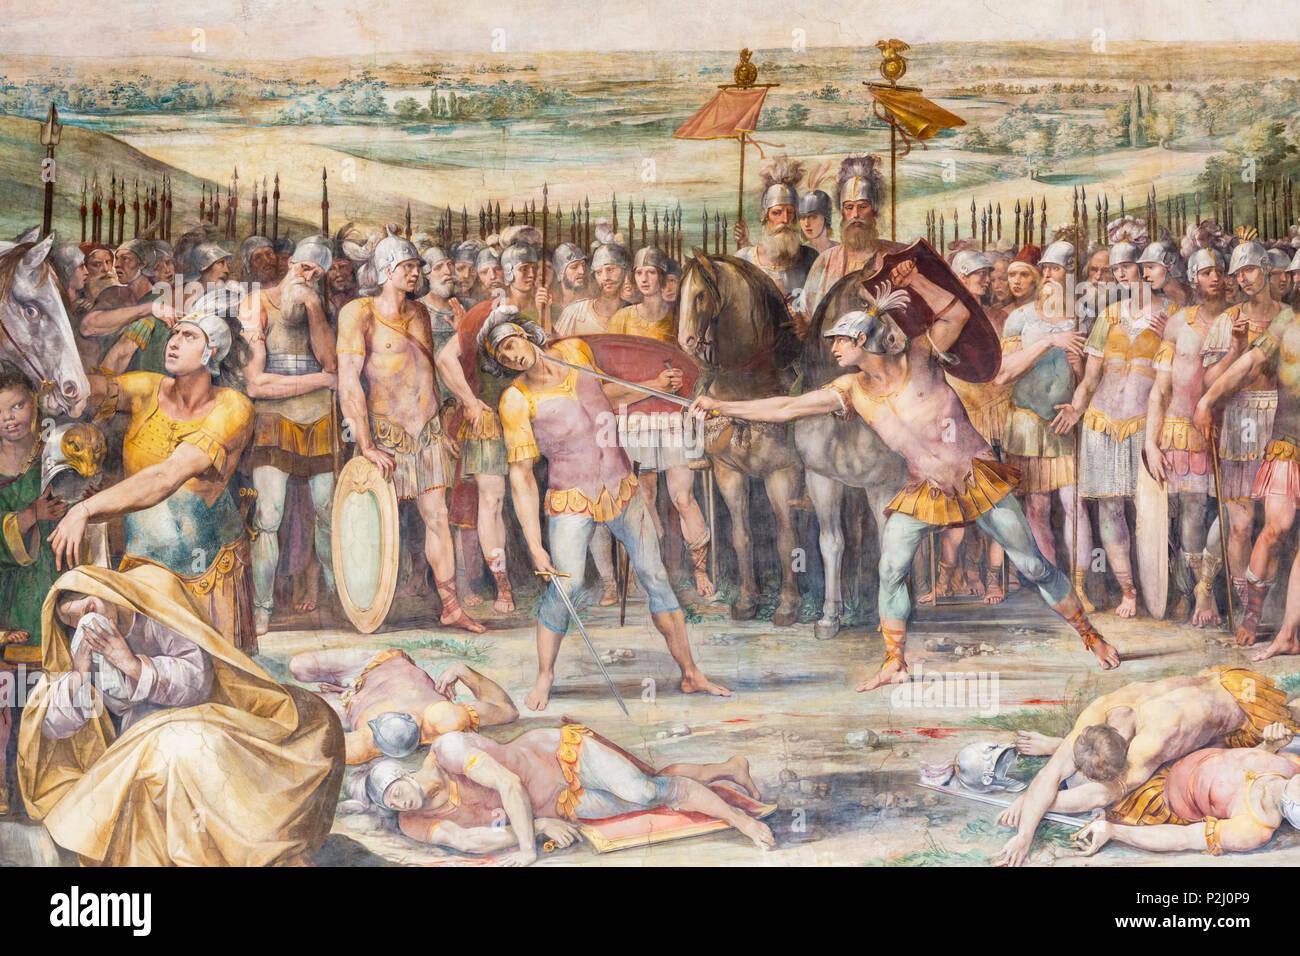 Roma, Italia. El Museo Capitolino. Combate de los Horacios y Curacios, un fresco en el Great Hall, también conocido como la Sala de los Horacios y Curatii. Pa Imagen De Stock